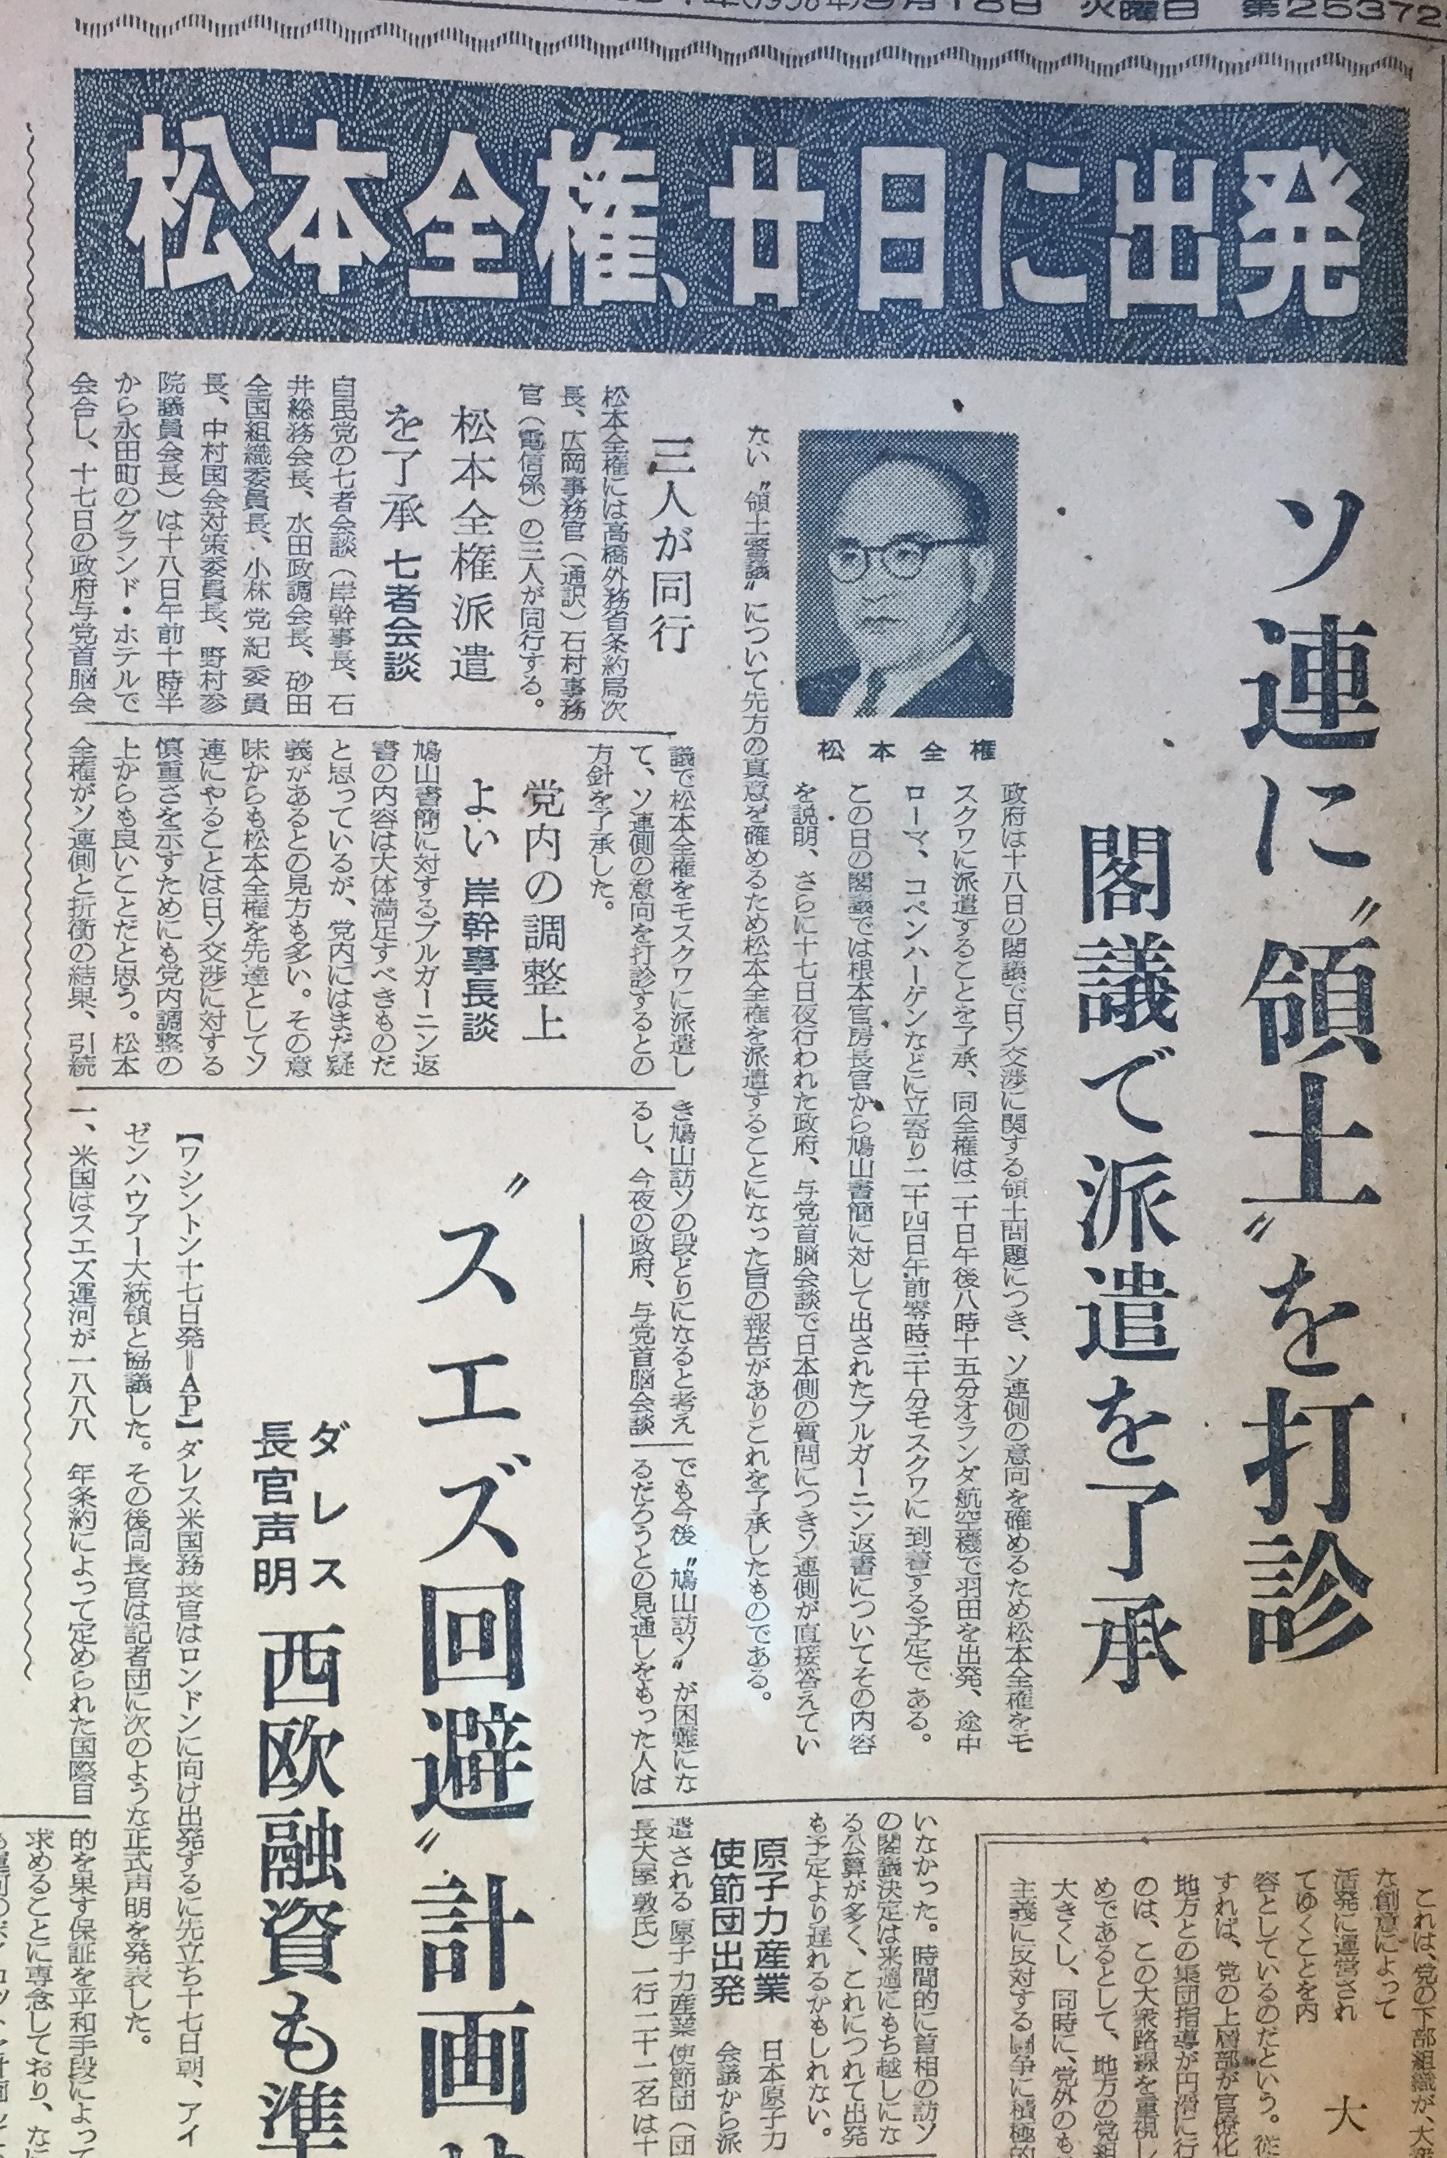 日ソ交渉 - 北方領土(日ソ共同宣言)